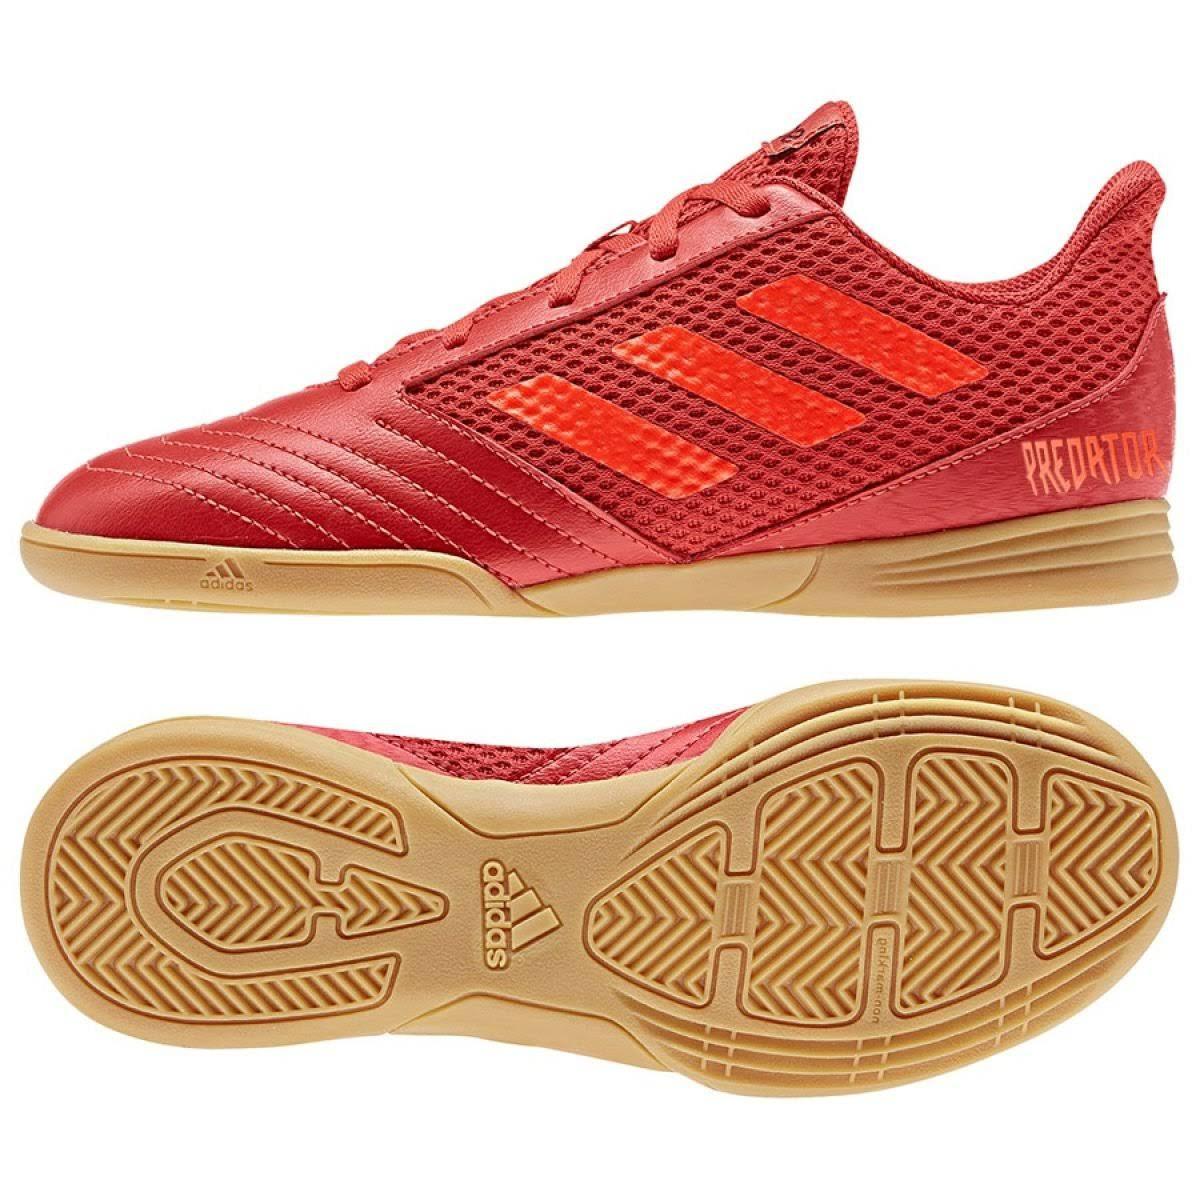 Scarpe da Calcio a 5 per bambini Adidas Predator 19.4 in Junior Rosso  O4izbq